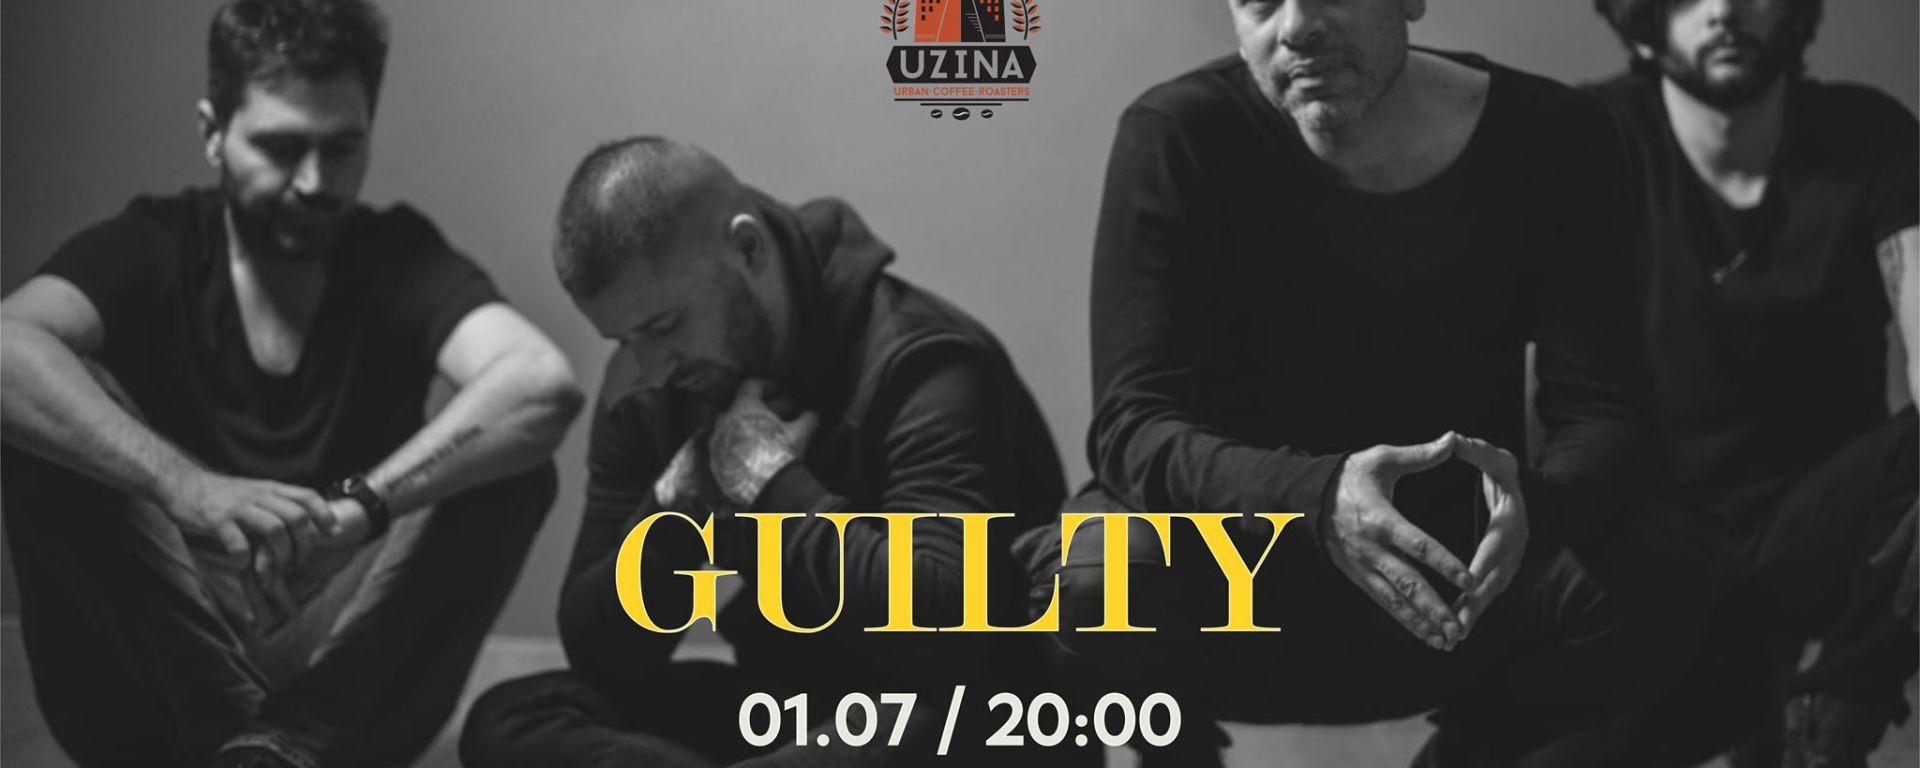 Seria Deconectat #67 • Guilty LIVE at Uzina Coffee București